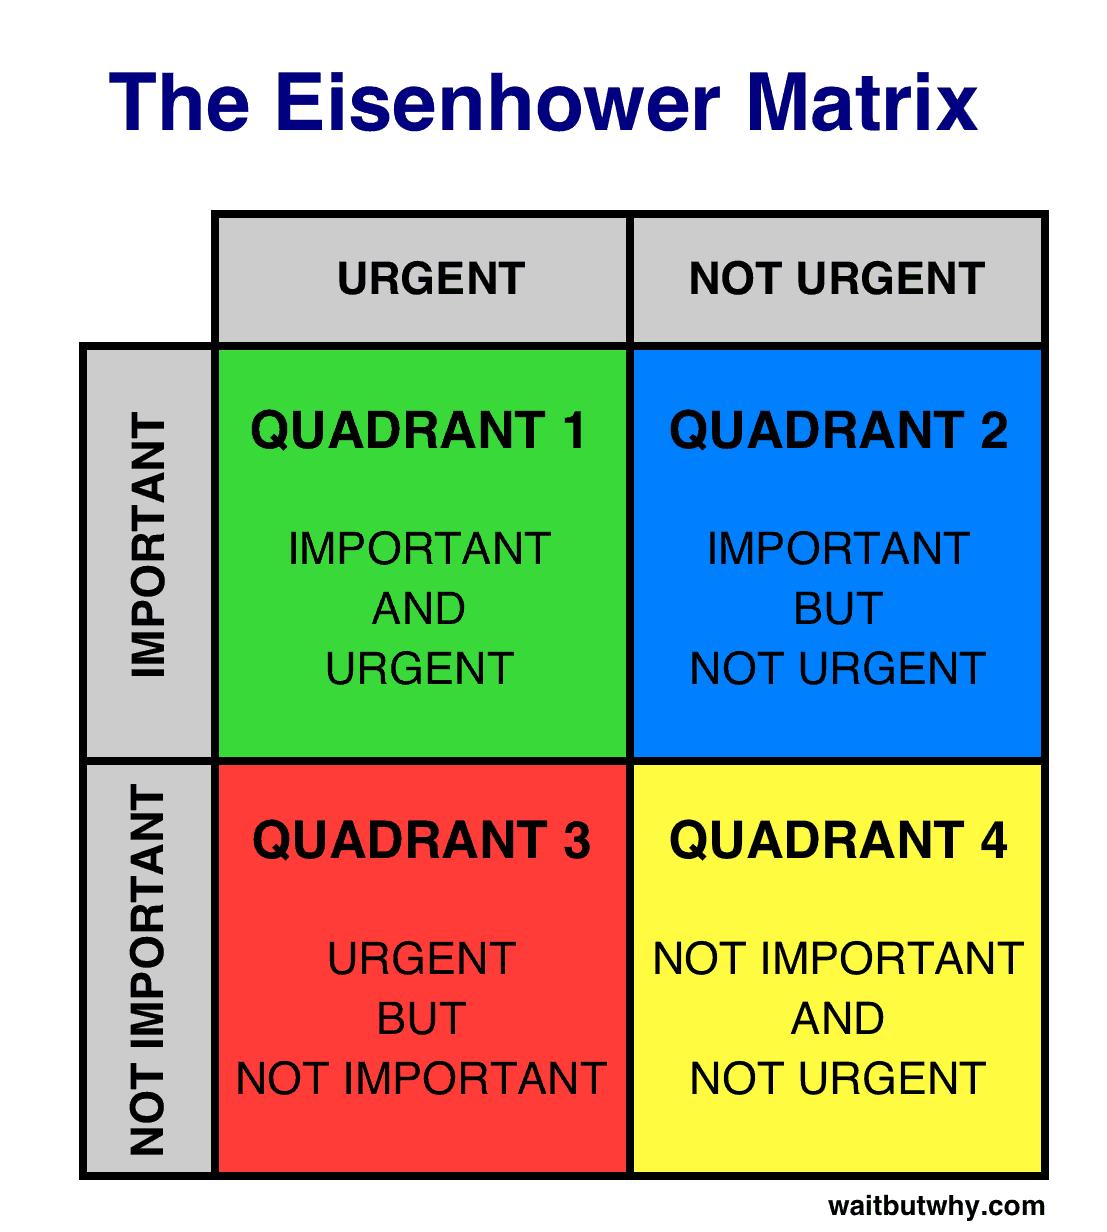 Целеполагание и контроль деятельности на основе матрицы Эйзенхауэра